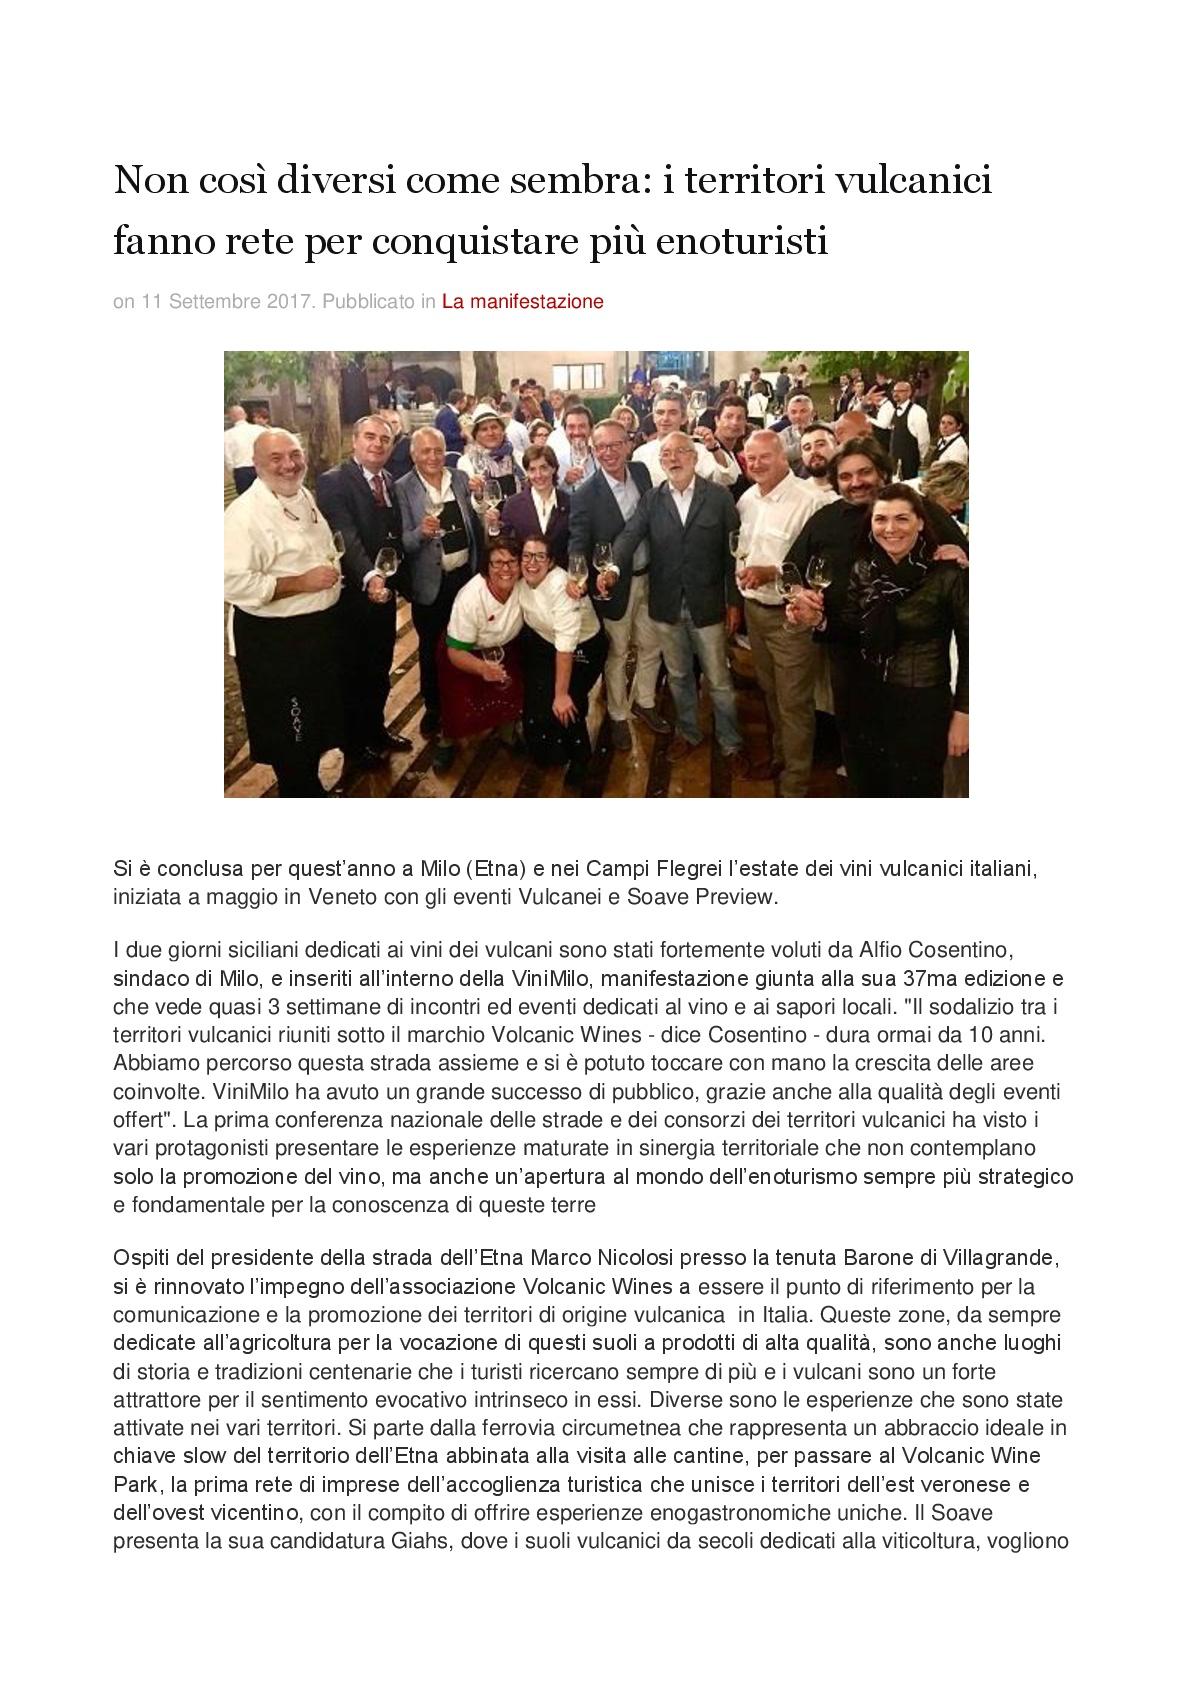 Articolo-Cronache-di-Gusto-2----11.09.17-001.jpg